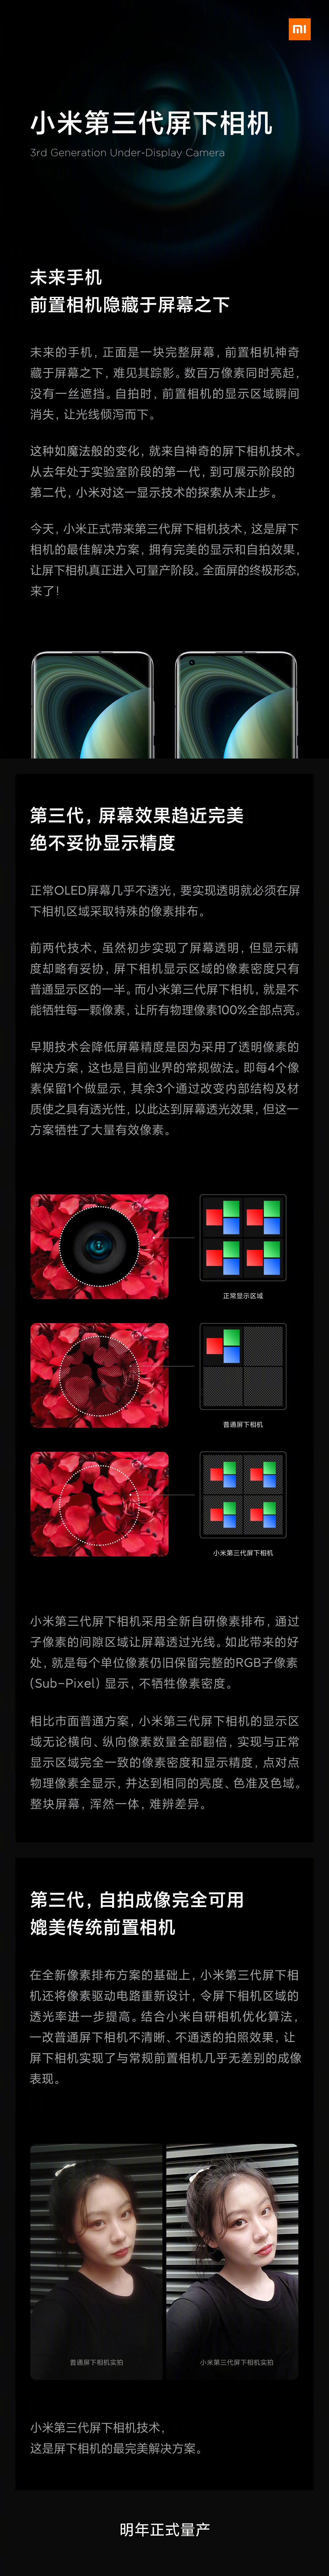 小米展示第三代屏下摄像头技术,或为小米 MIX 4 铺路 - 热点资讯 首页 第3张